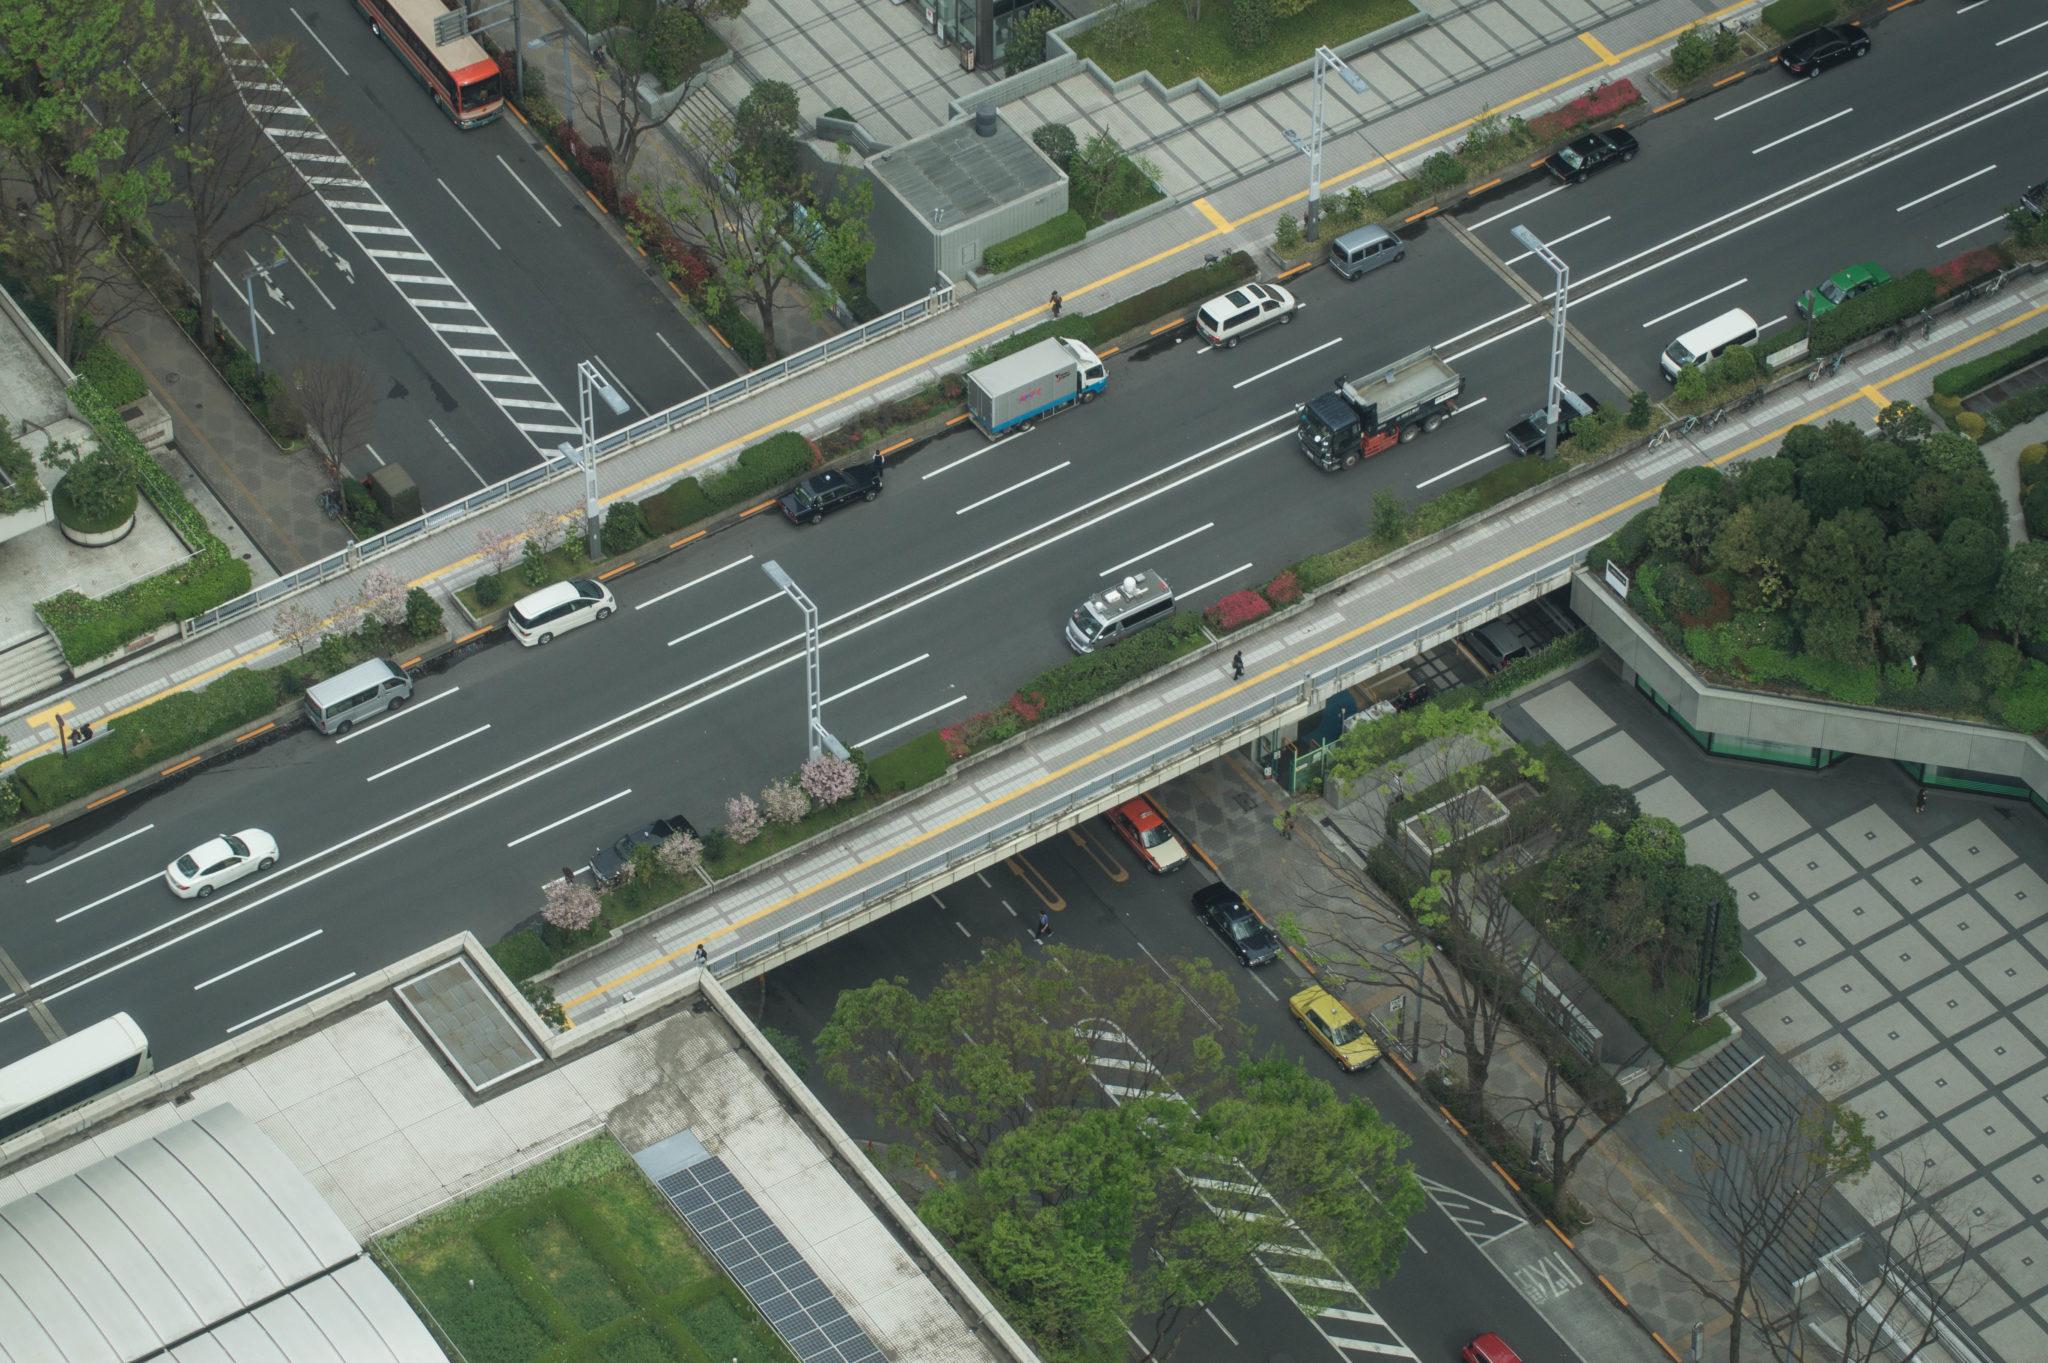 Mit dem Taxi in Tokio zu fahren erfordert keine Japanisch Kenntnisse.